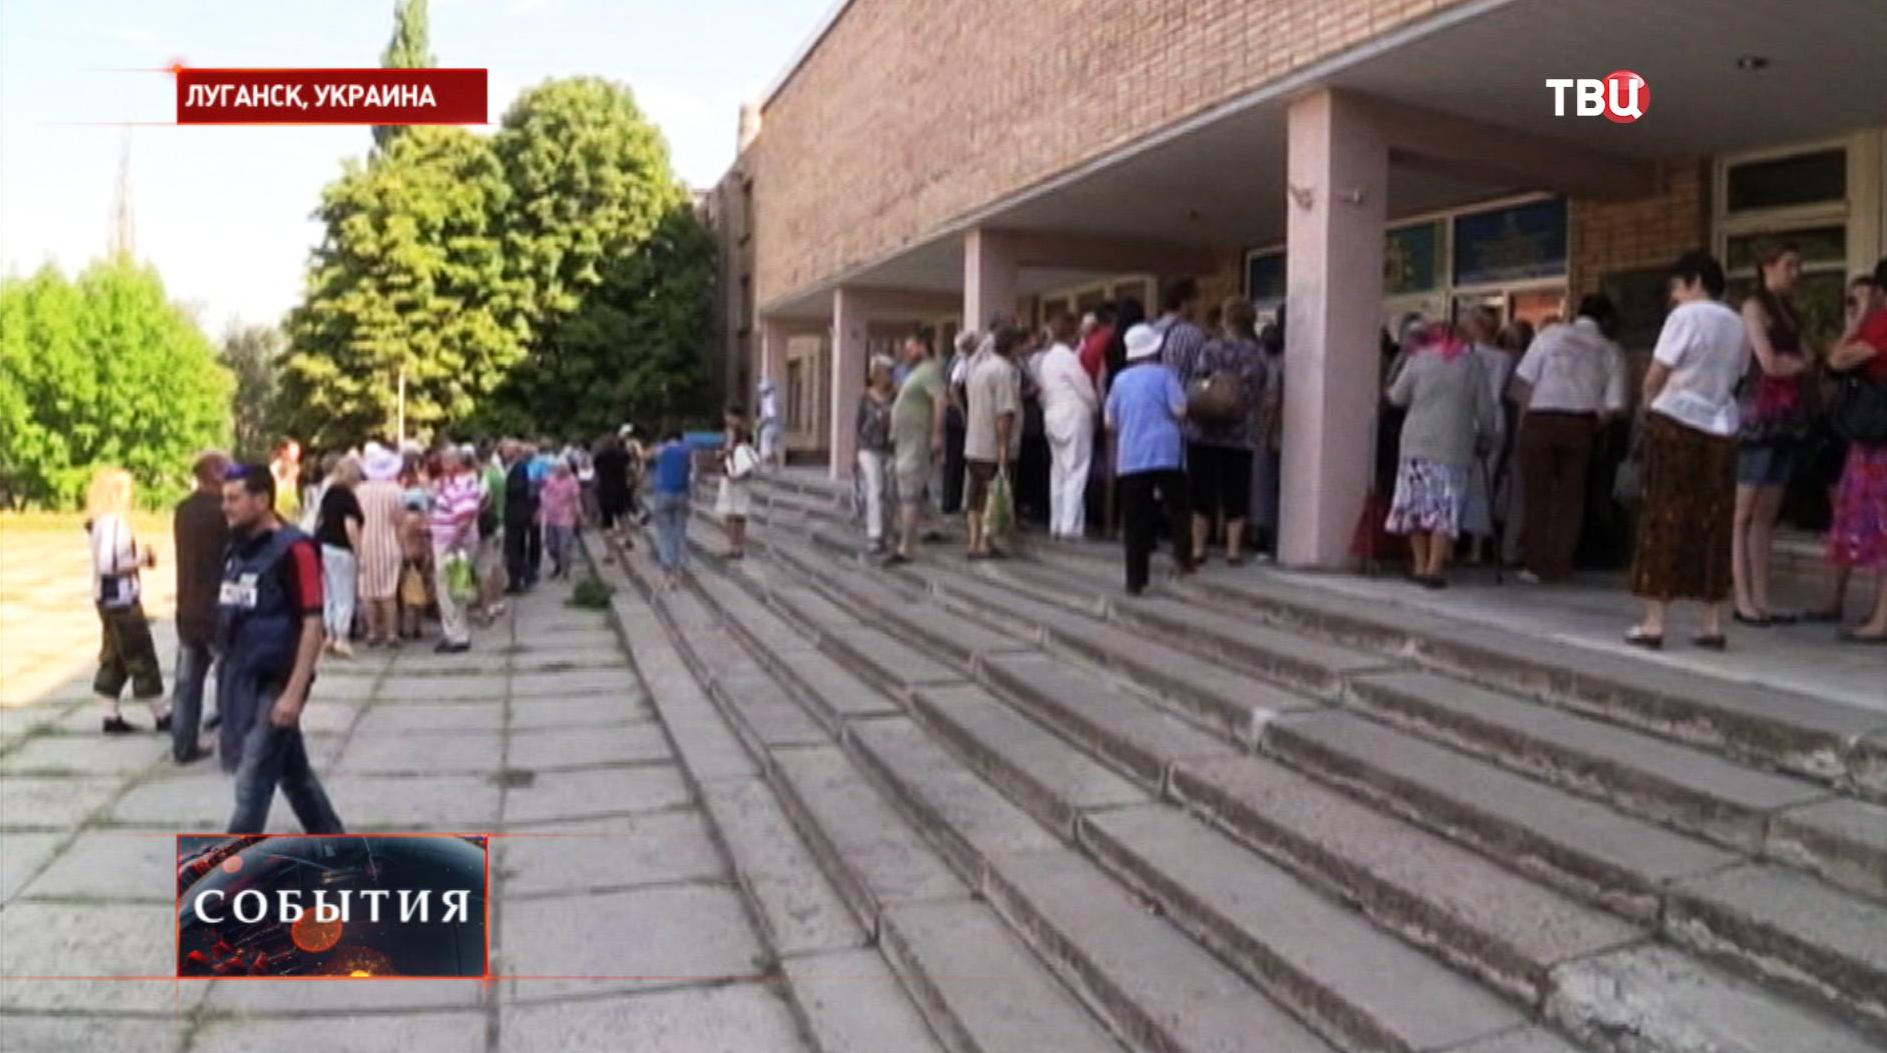 Пункт выдачи гуманитарной помощи в Луганске